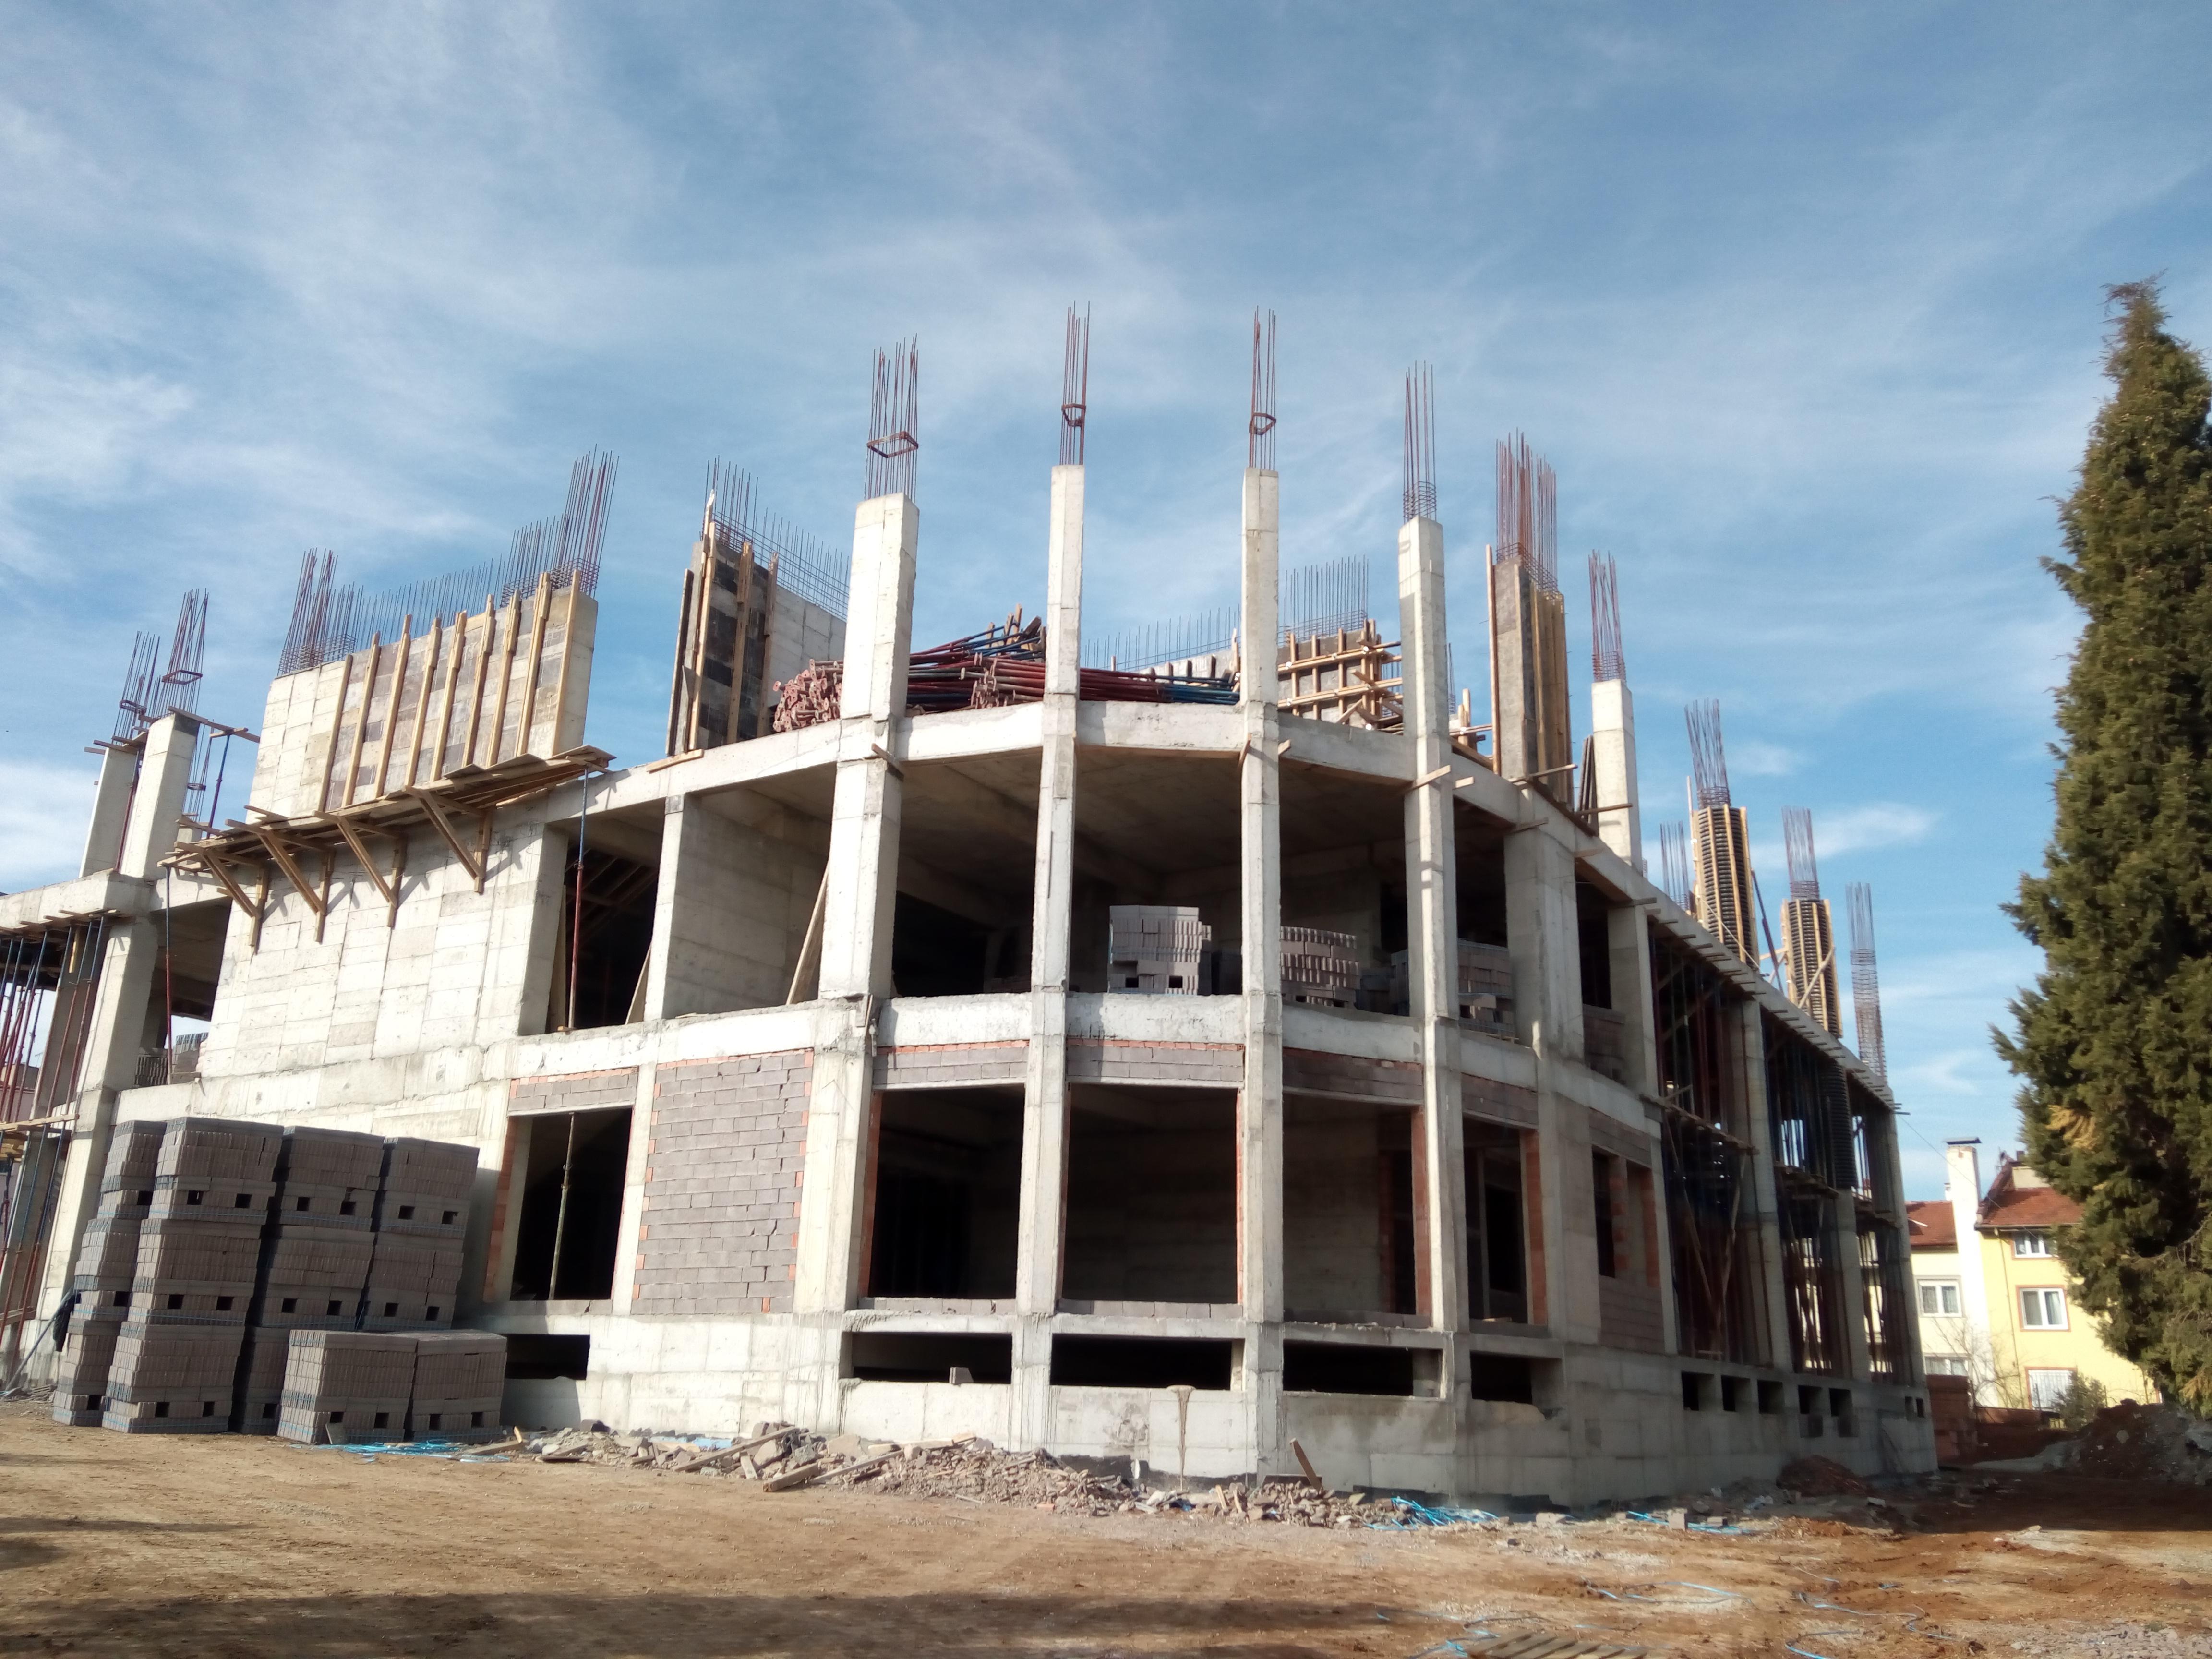 600 Öğrencili 20 Derslikli Yeni Merkez Nihat Dülgeroğlu Eğitim Binasının Yapılması İşinde İmalatlar…